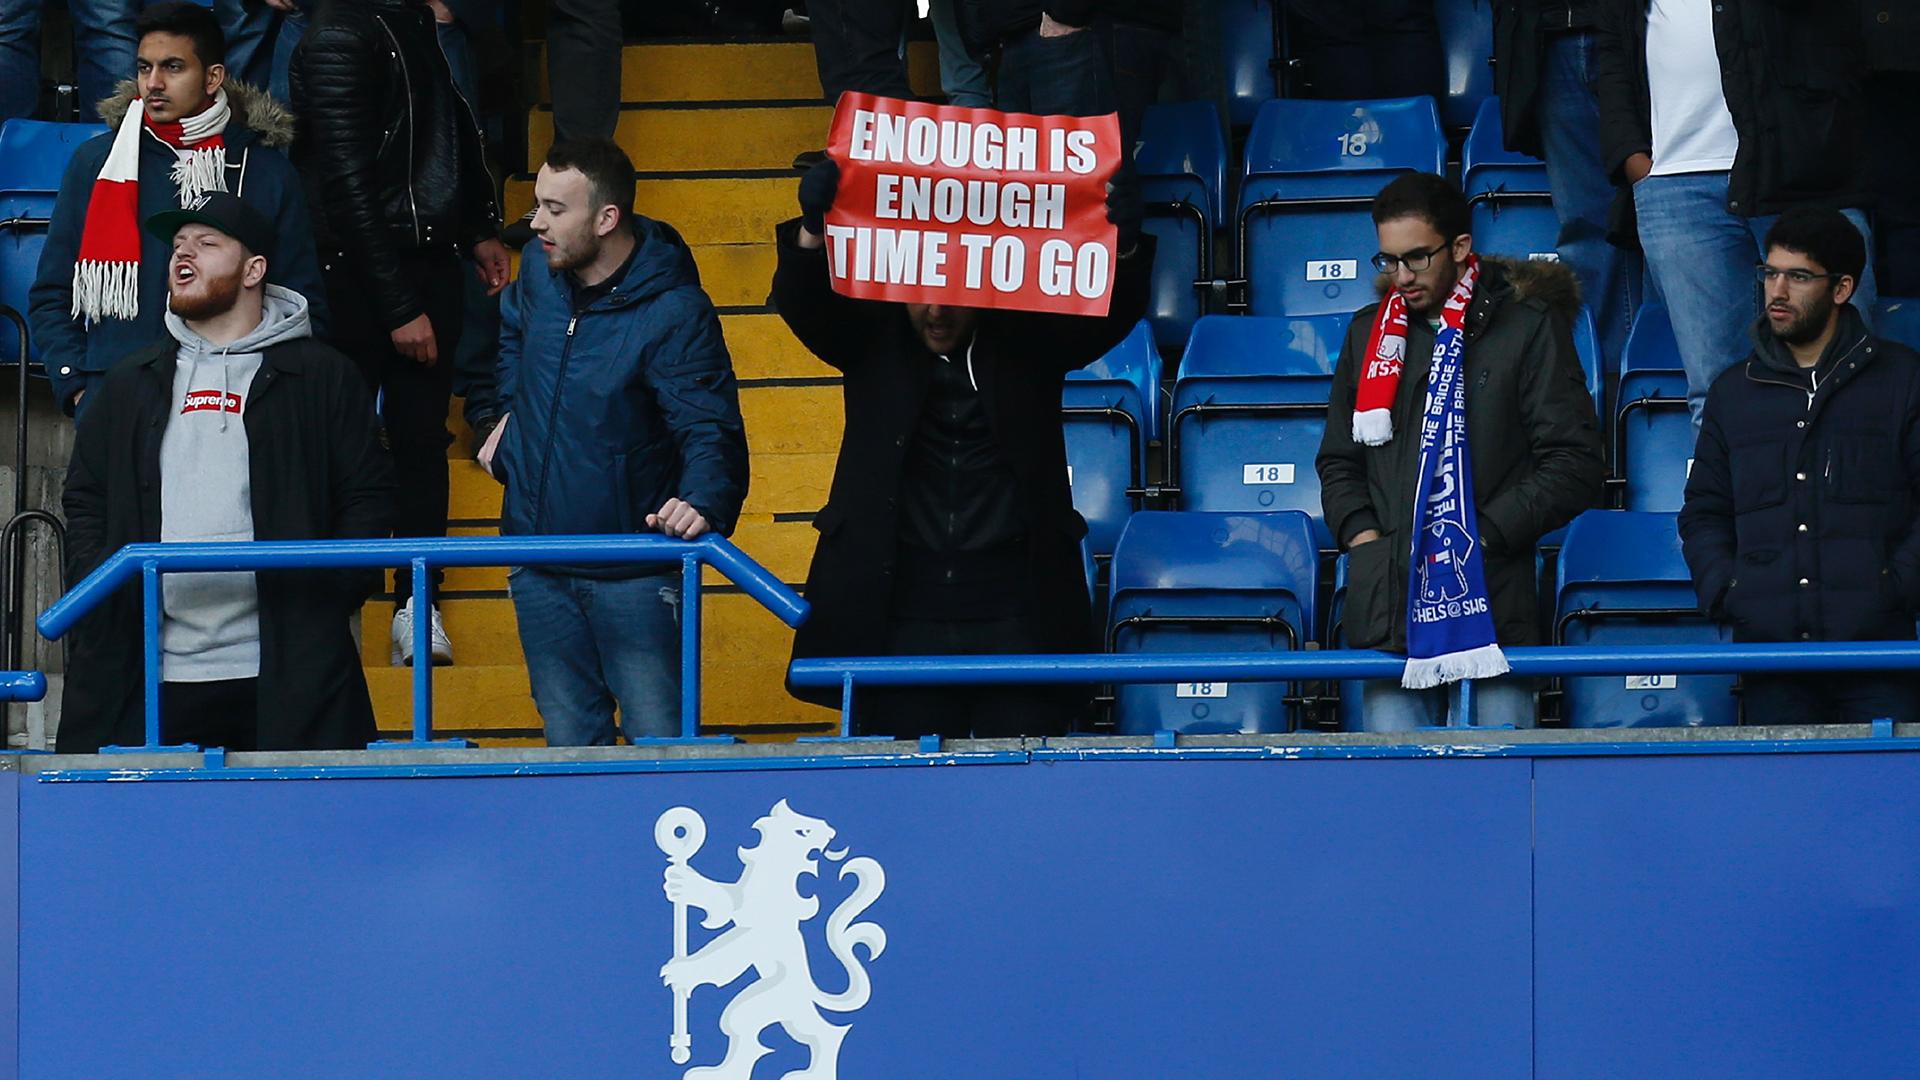 Arsenal fan enough is enough banner